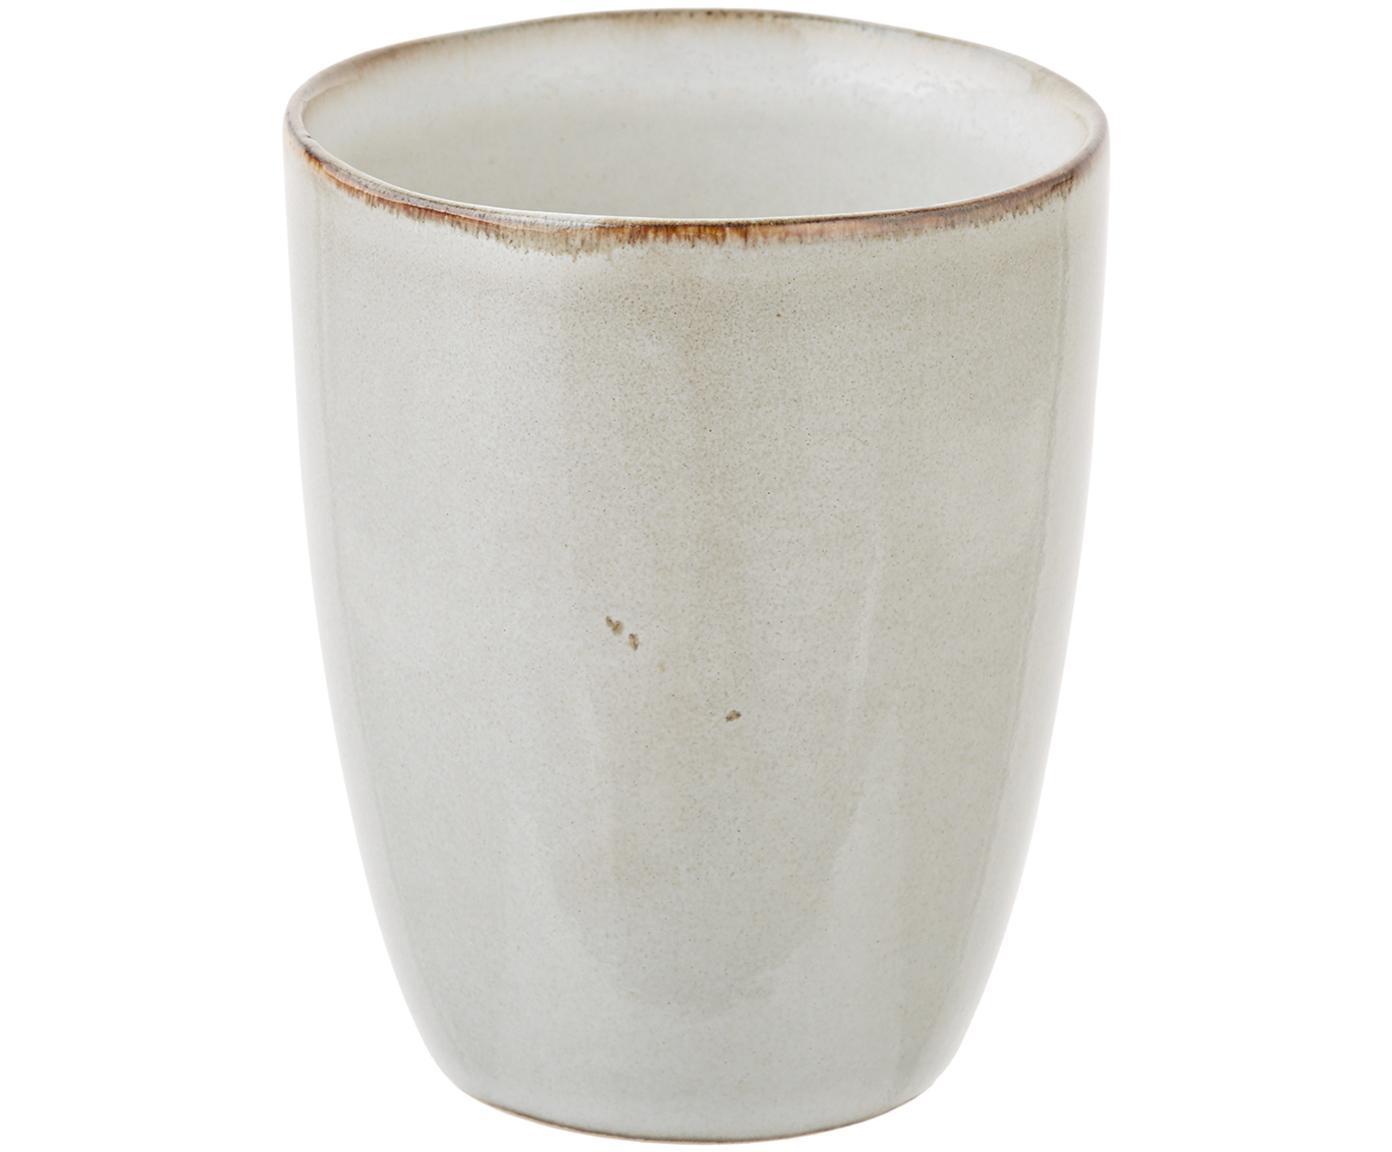 Ręcznie wykonany kubek Thalia, 2 szt., Ceramika, Kremowy z ciemną krawędzią, Ø 9 x W 11 cm